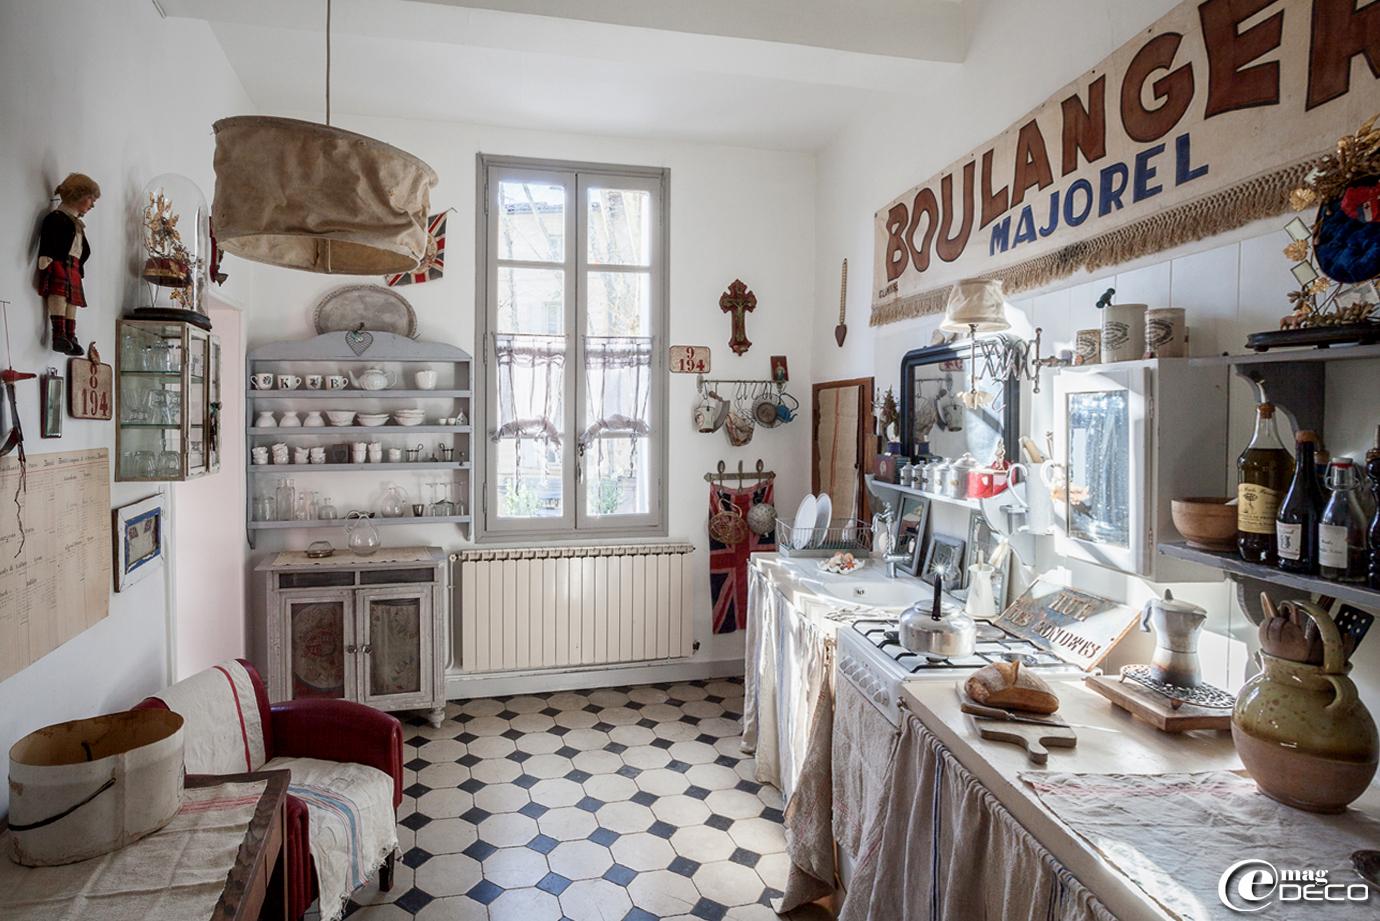 Suspension en bâche, boutique 'Clair de Lune', ancienne vitrine à pharmacie détournée en meuble-verrier, vaisselles 'Pomax' et 'Chehoma'